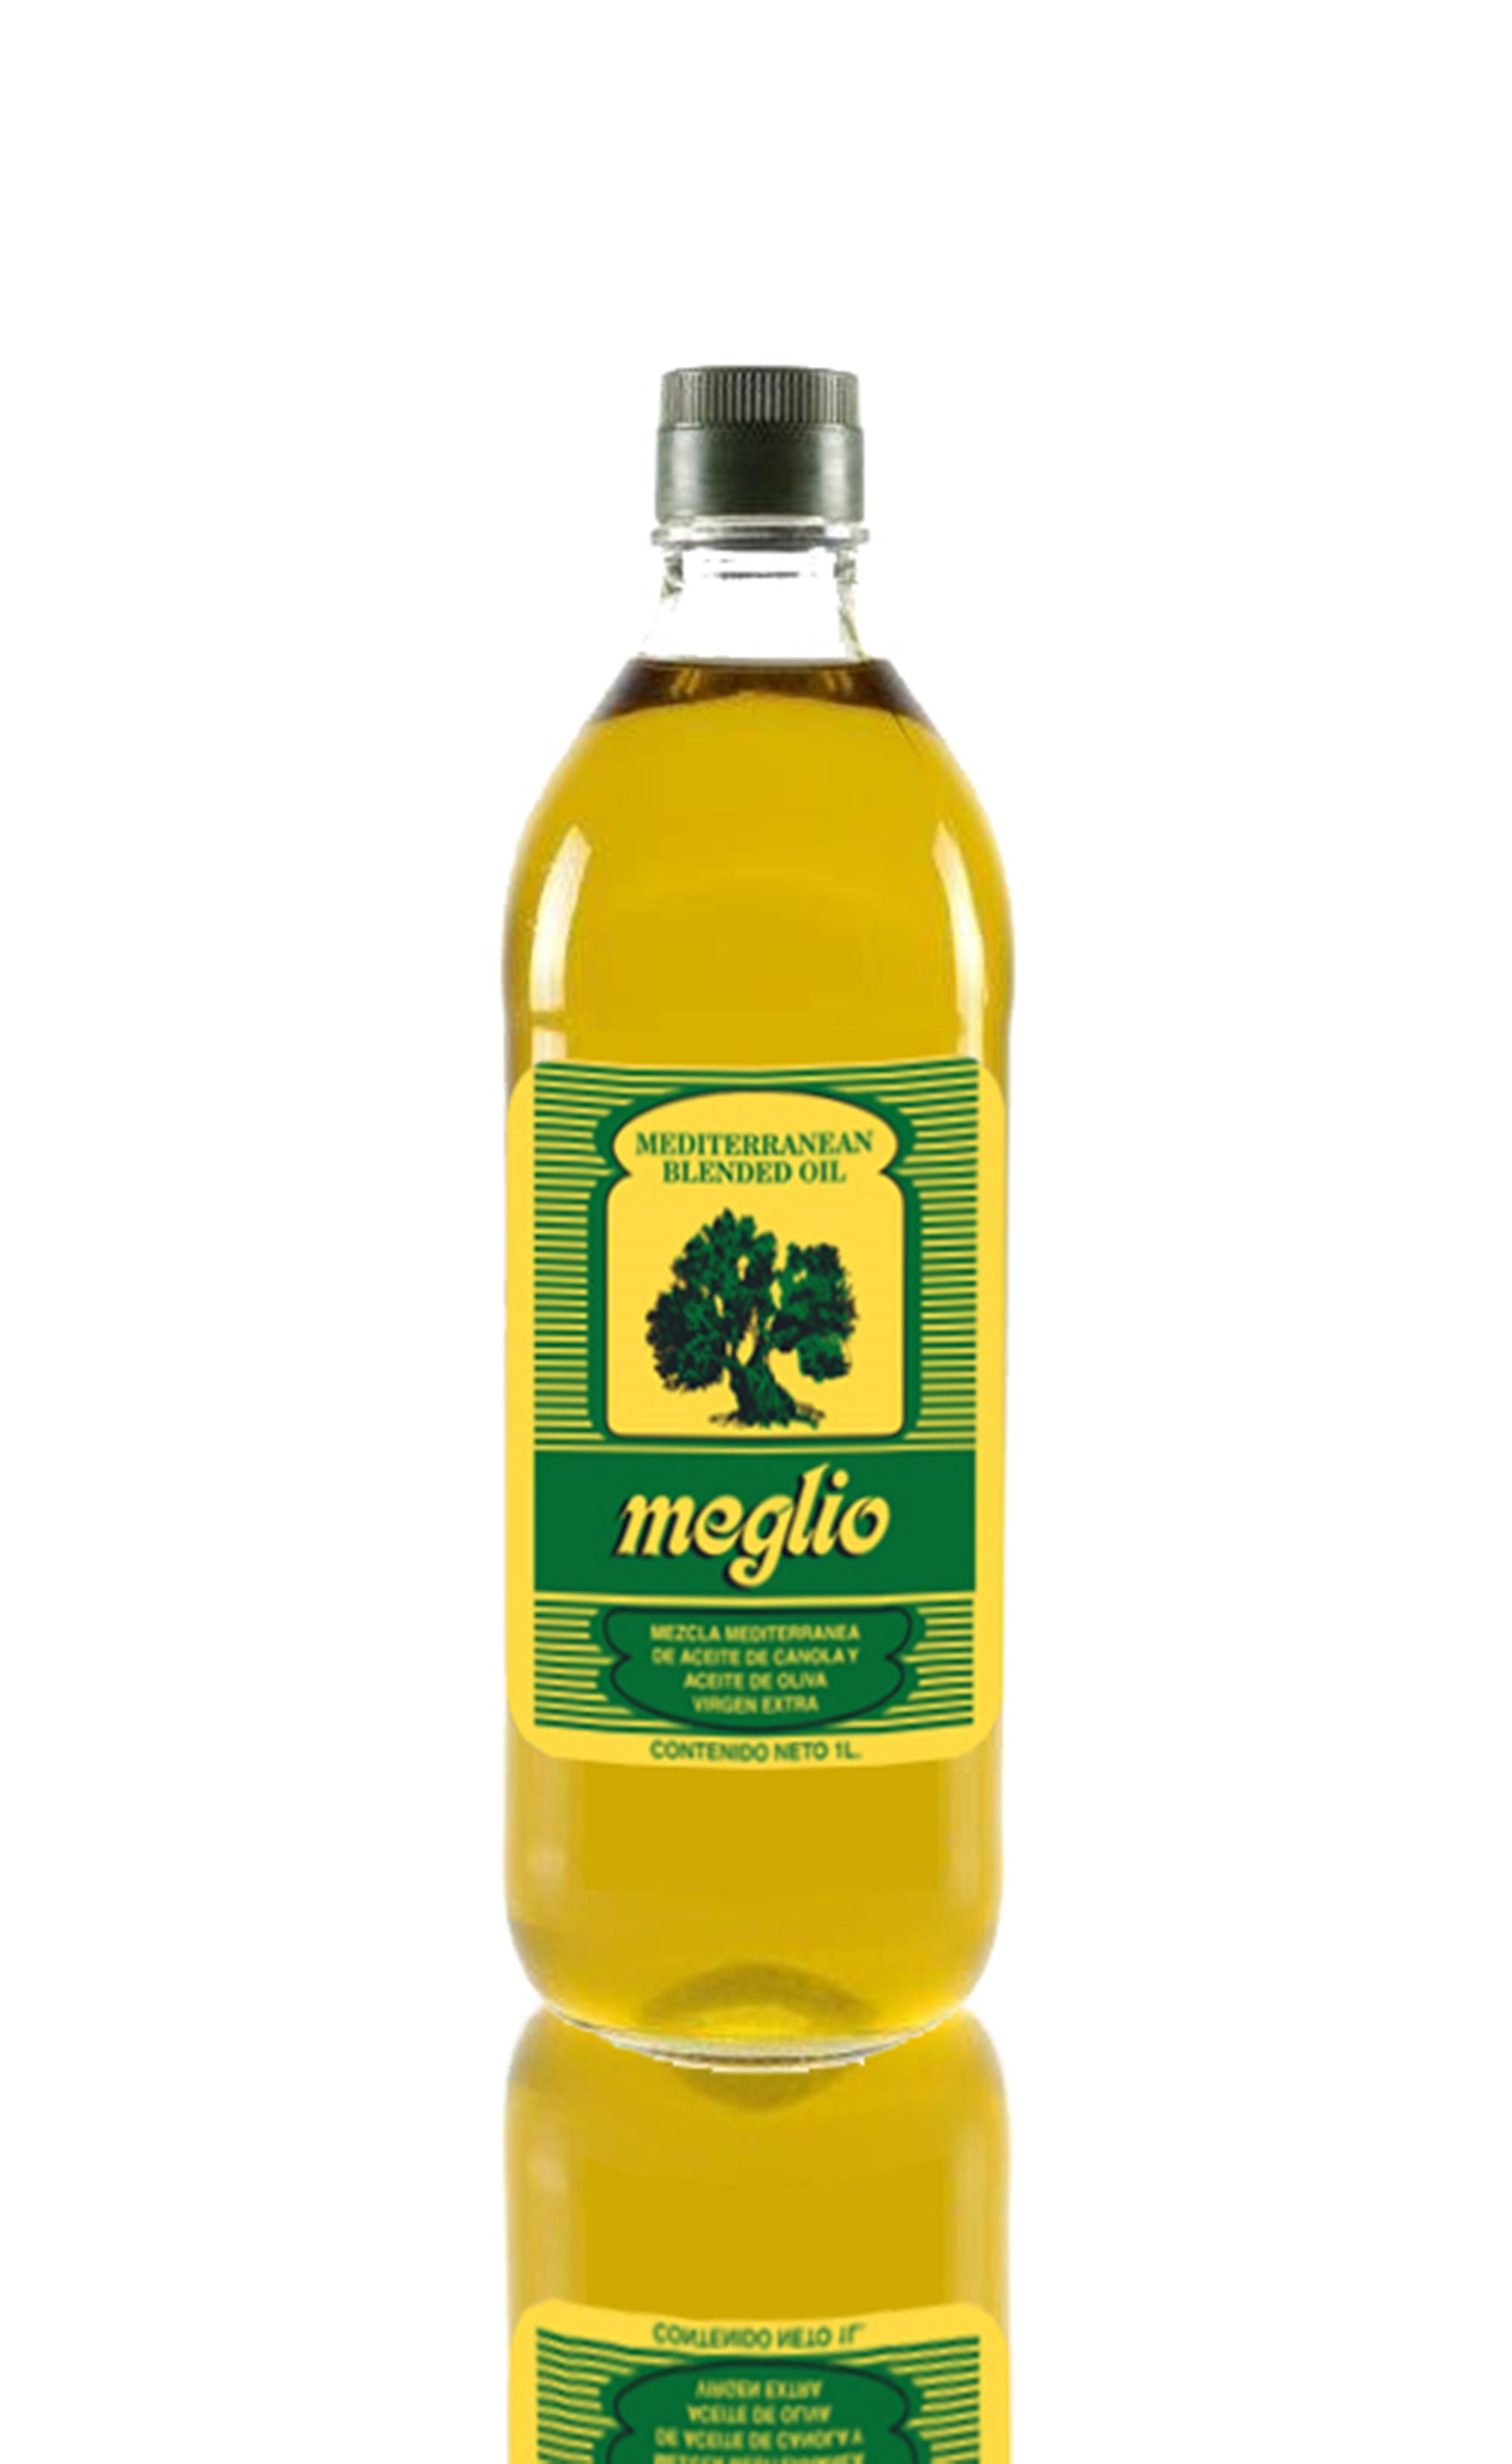 Meglio Blended Oil (sunflower & olive oil) 1lt